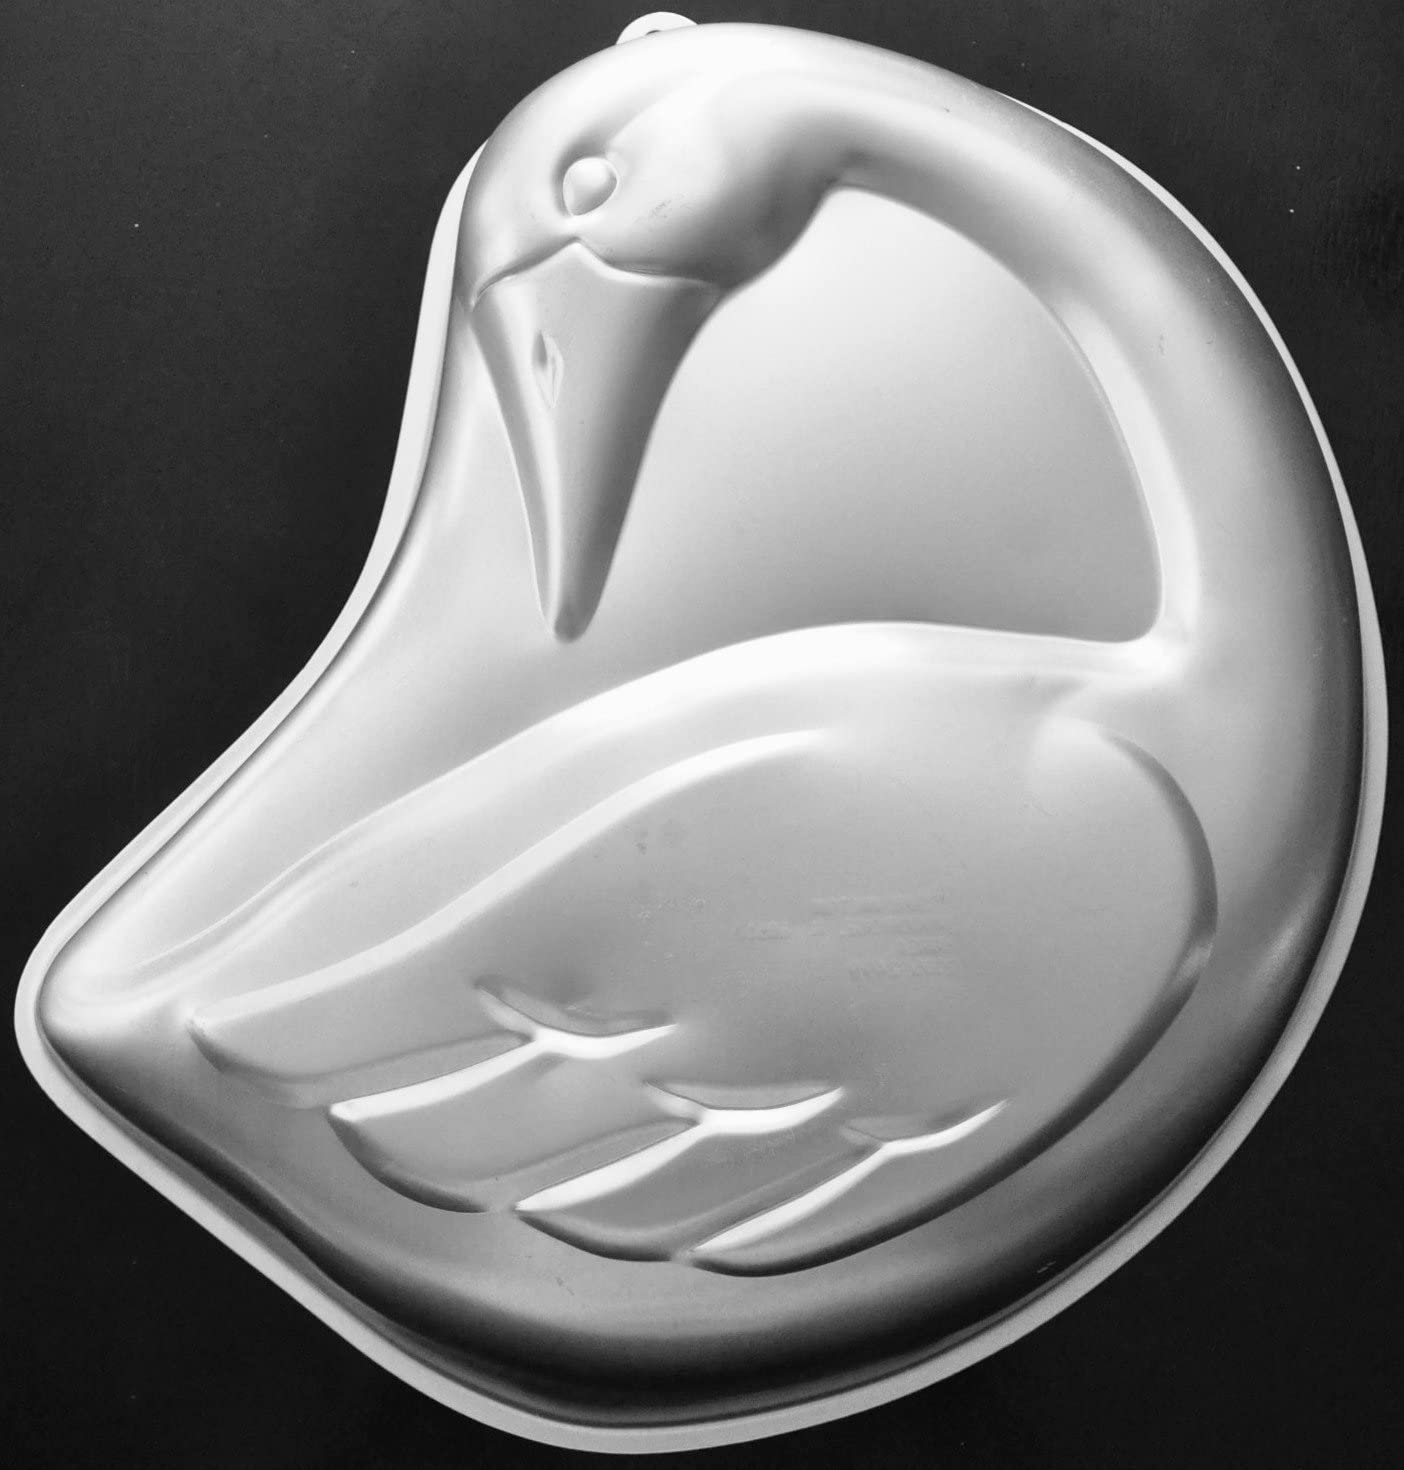 swan-shaped-cake-pan